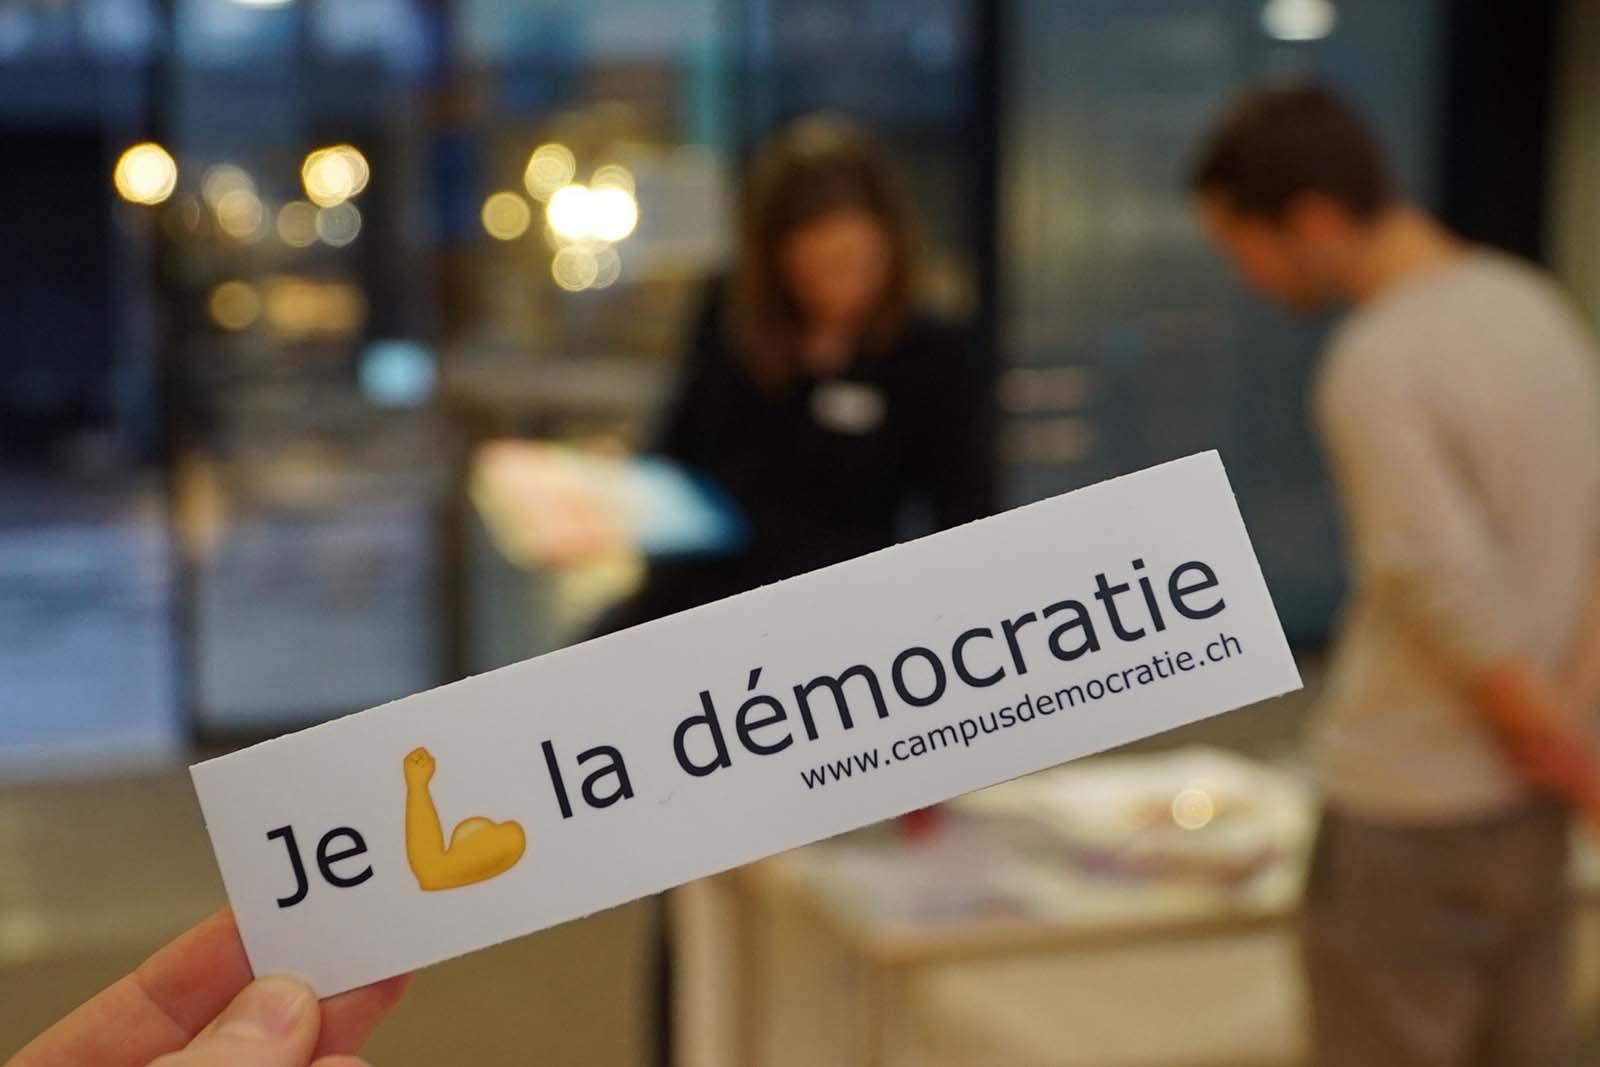 Projekt Campus für Demokratie: Gemeinsame Identität in der Schweiz schaffen